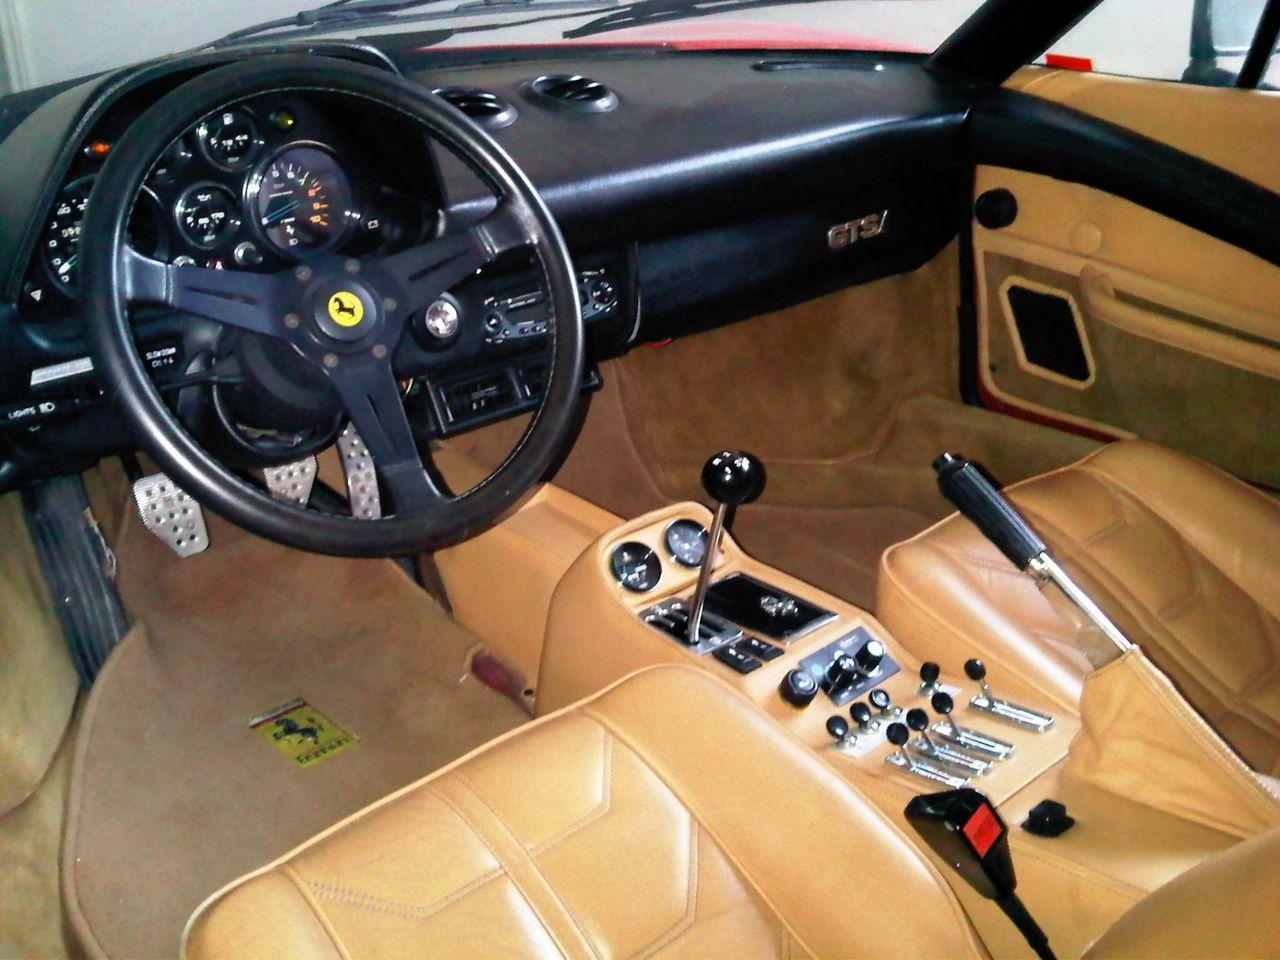 Ferrari 308 interior. Ferrari, Ferrari vintage, Classic